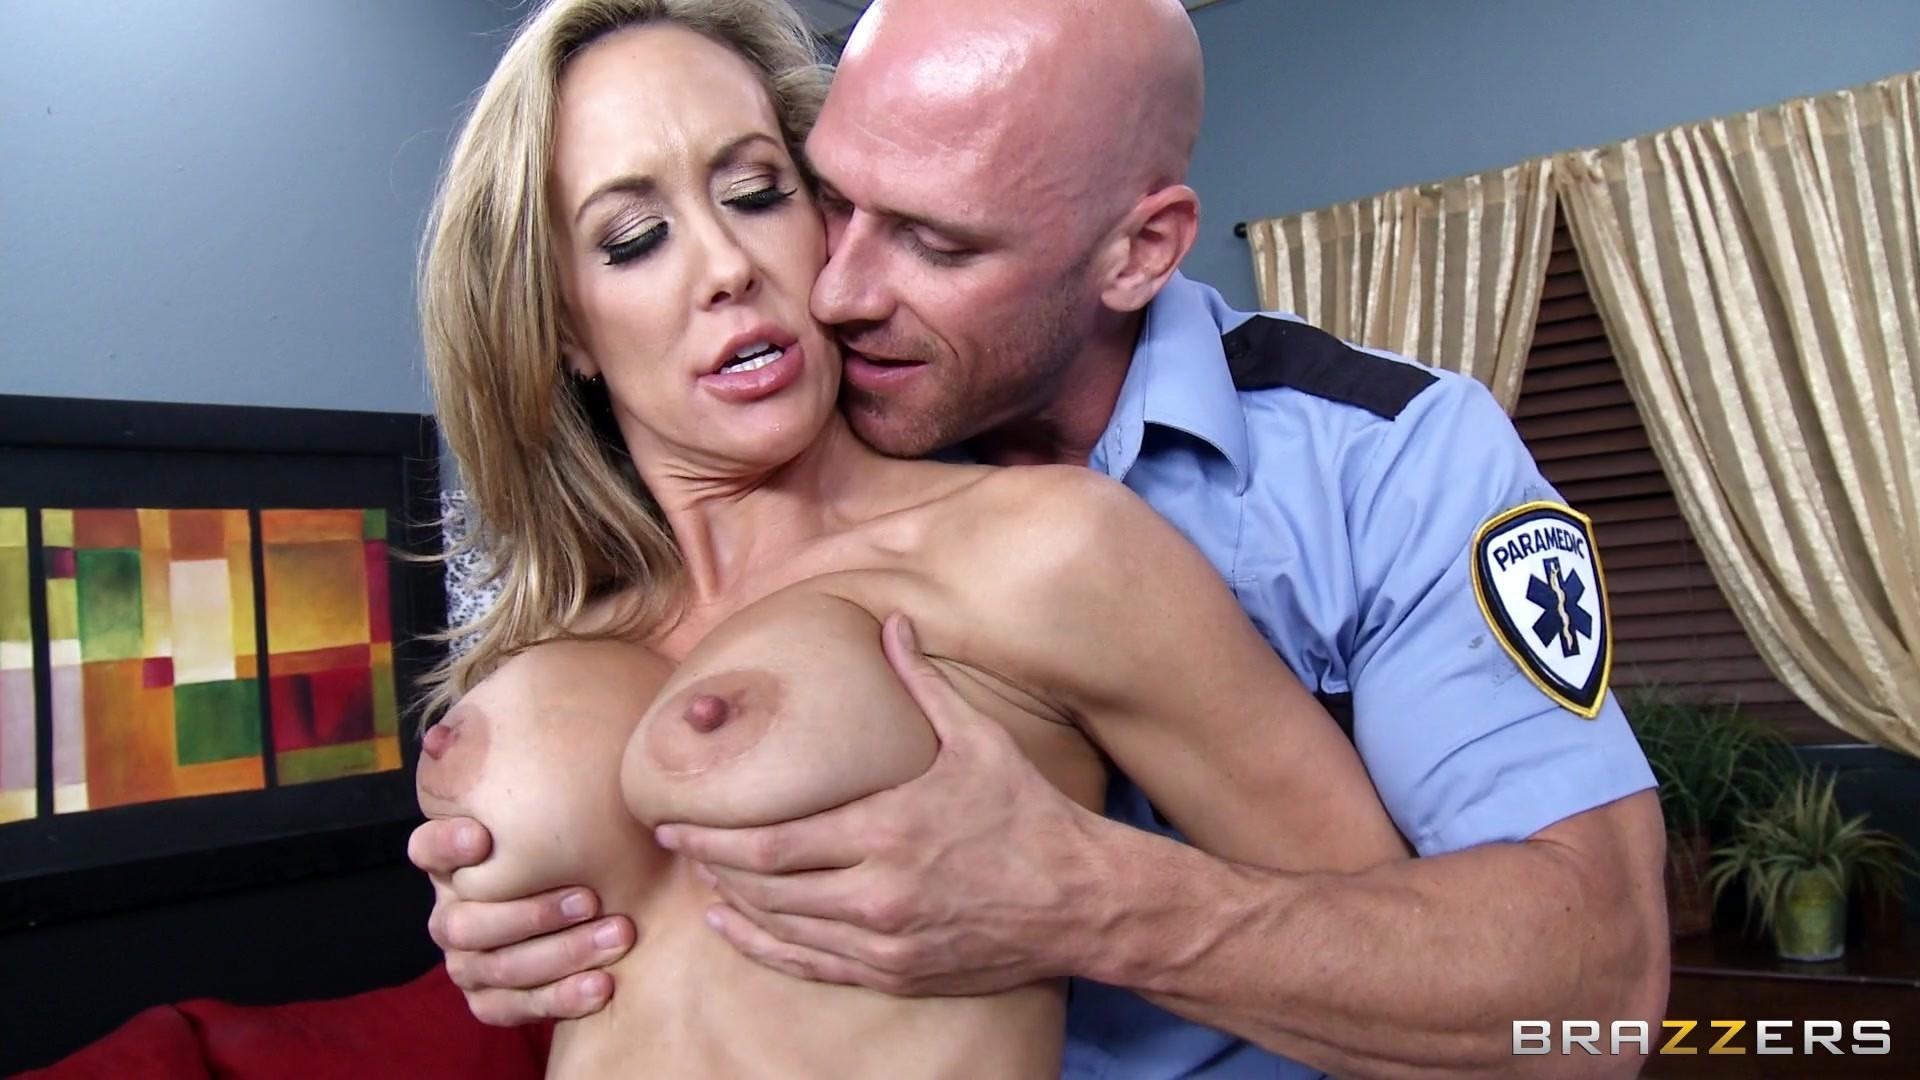 Johnny Sins Police Xnxx